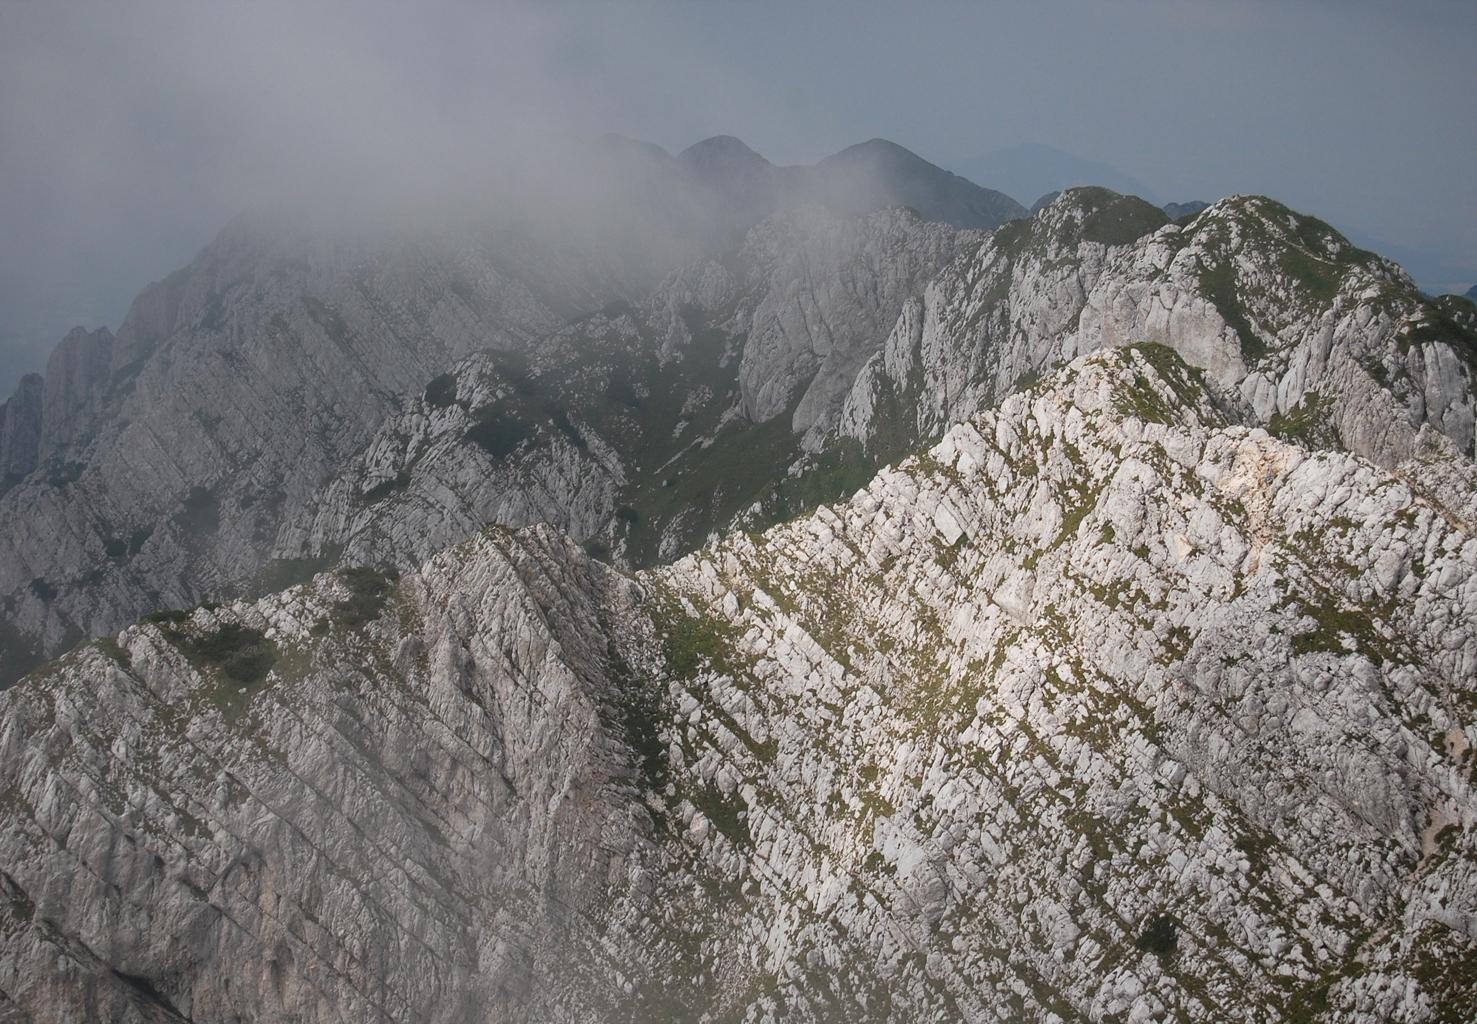 Piatra Craiului Mountains File:piatra Craiului Mountains